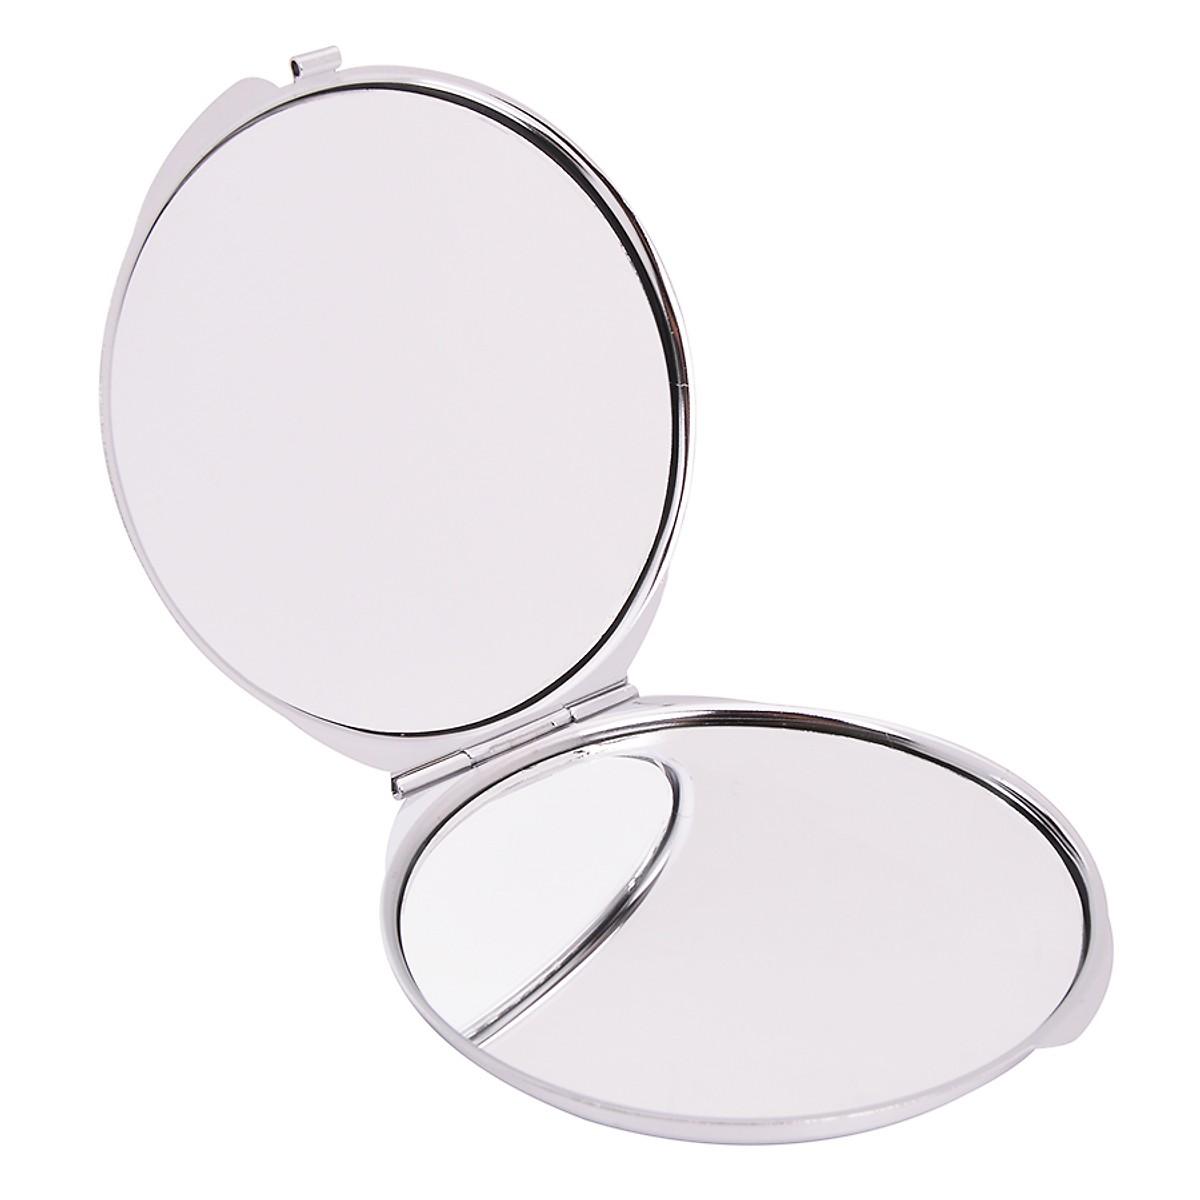 Gương mini hai mặt TWICE ngẫu nhiên